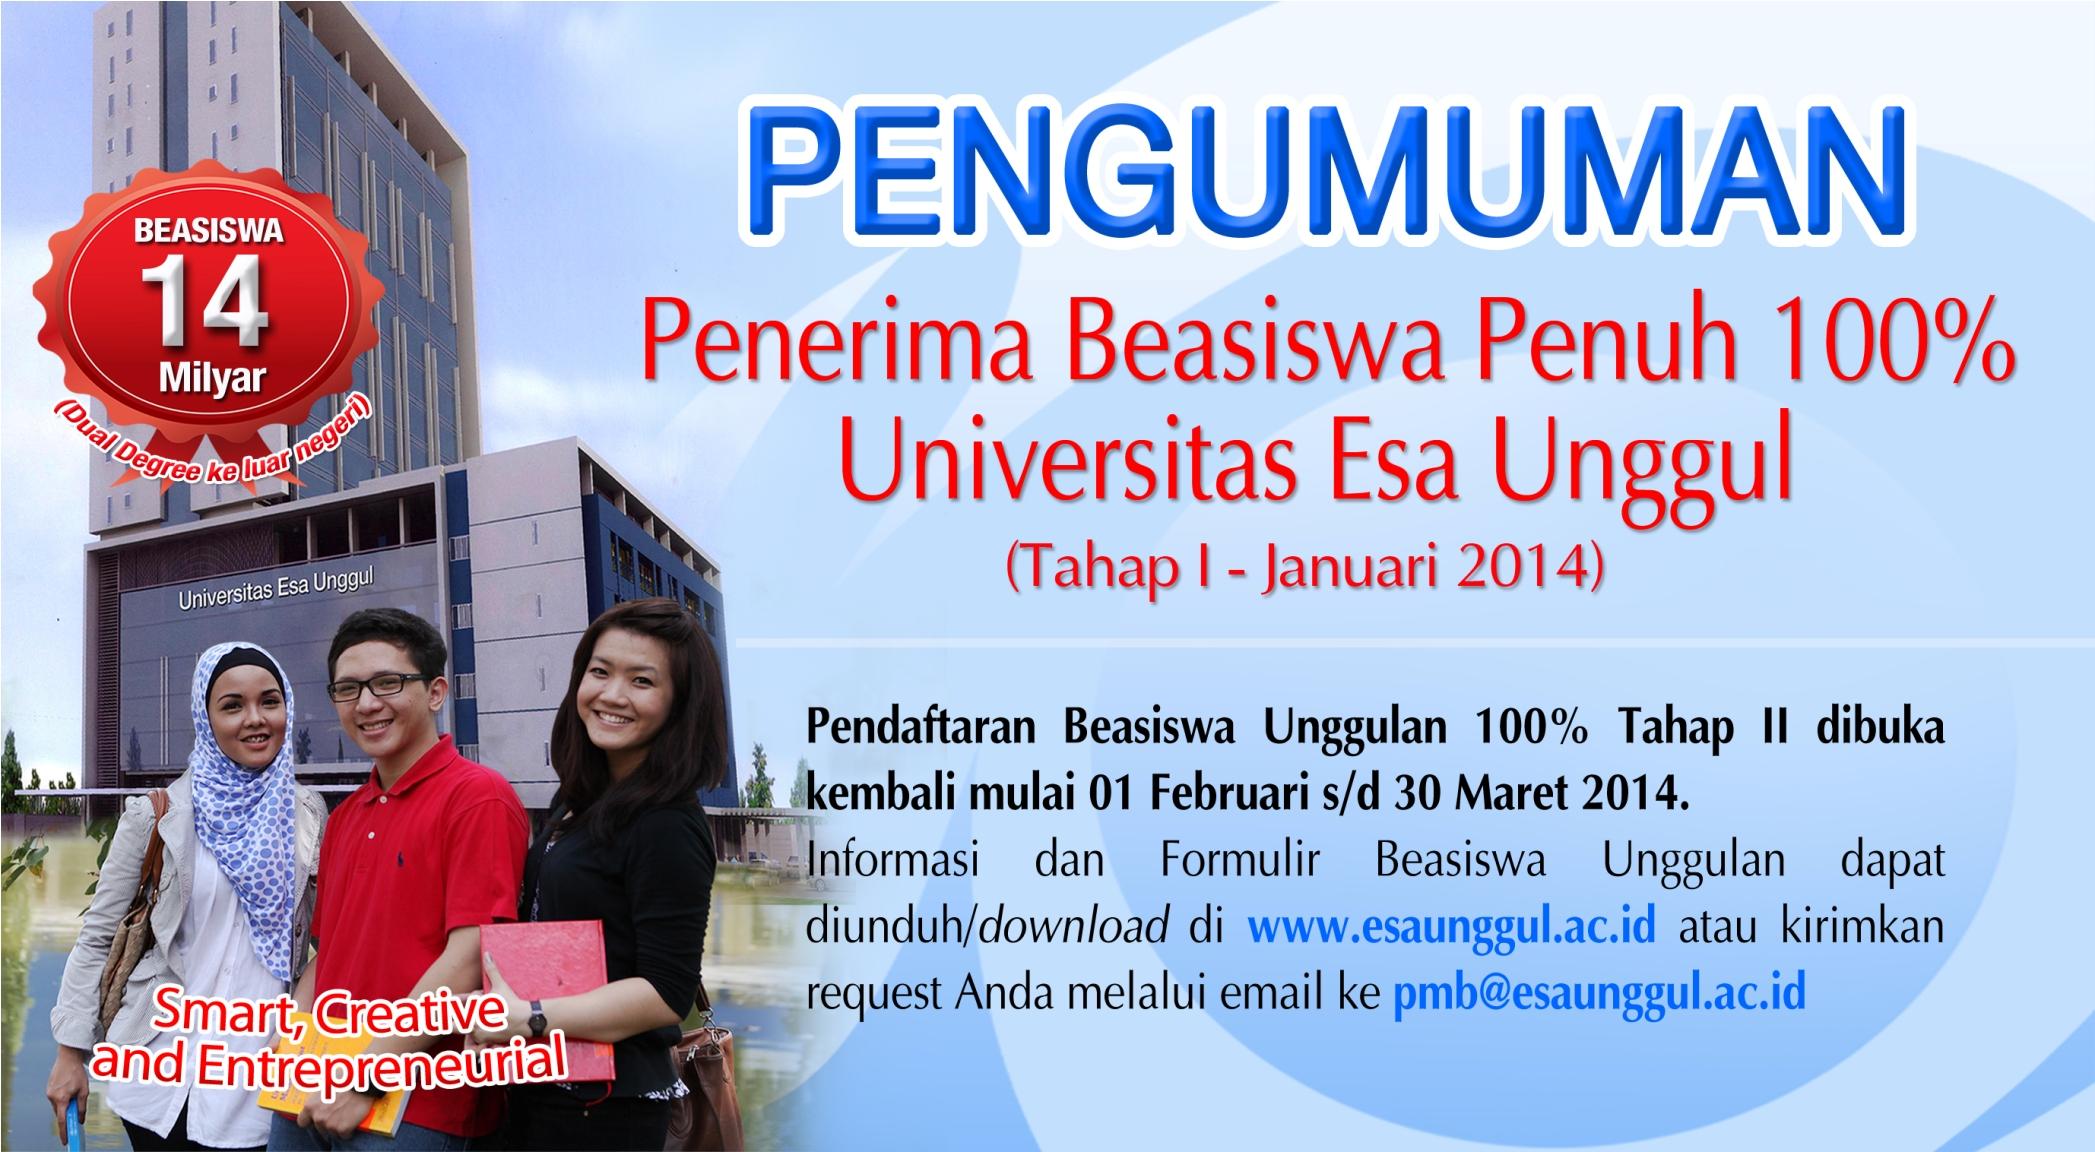 Pengumuman Penerima Beasiswa Penuh 100% Universitas Esa Unggul – Tahap 1 Th. 2014,